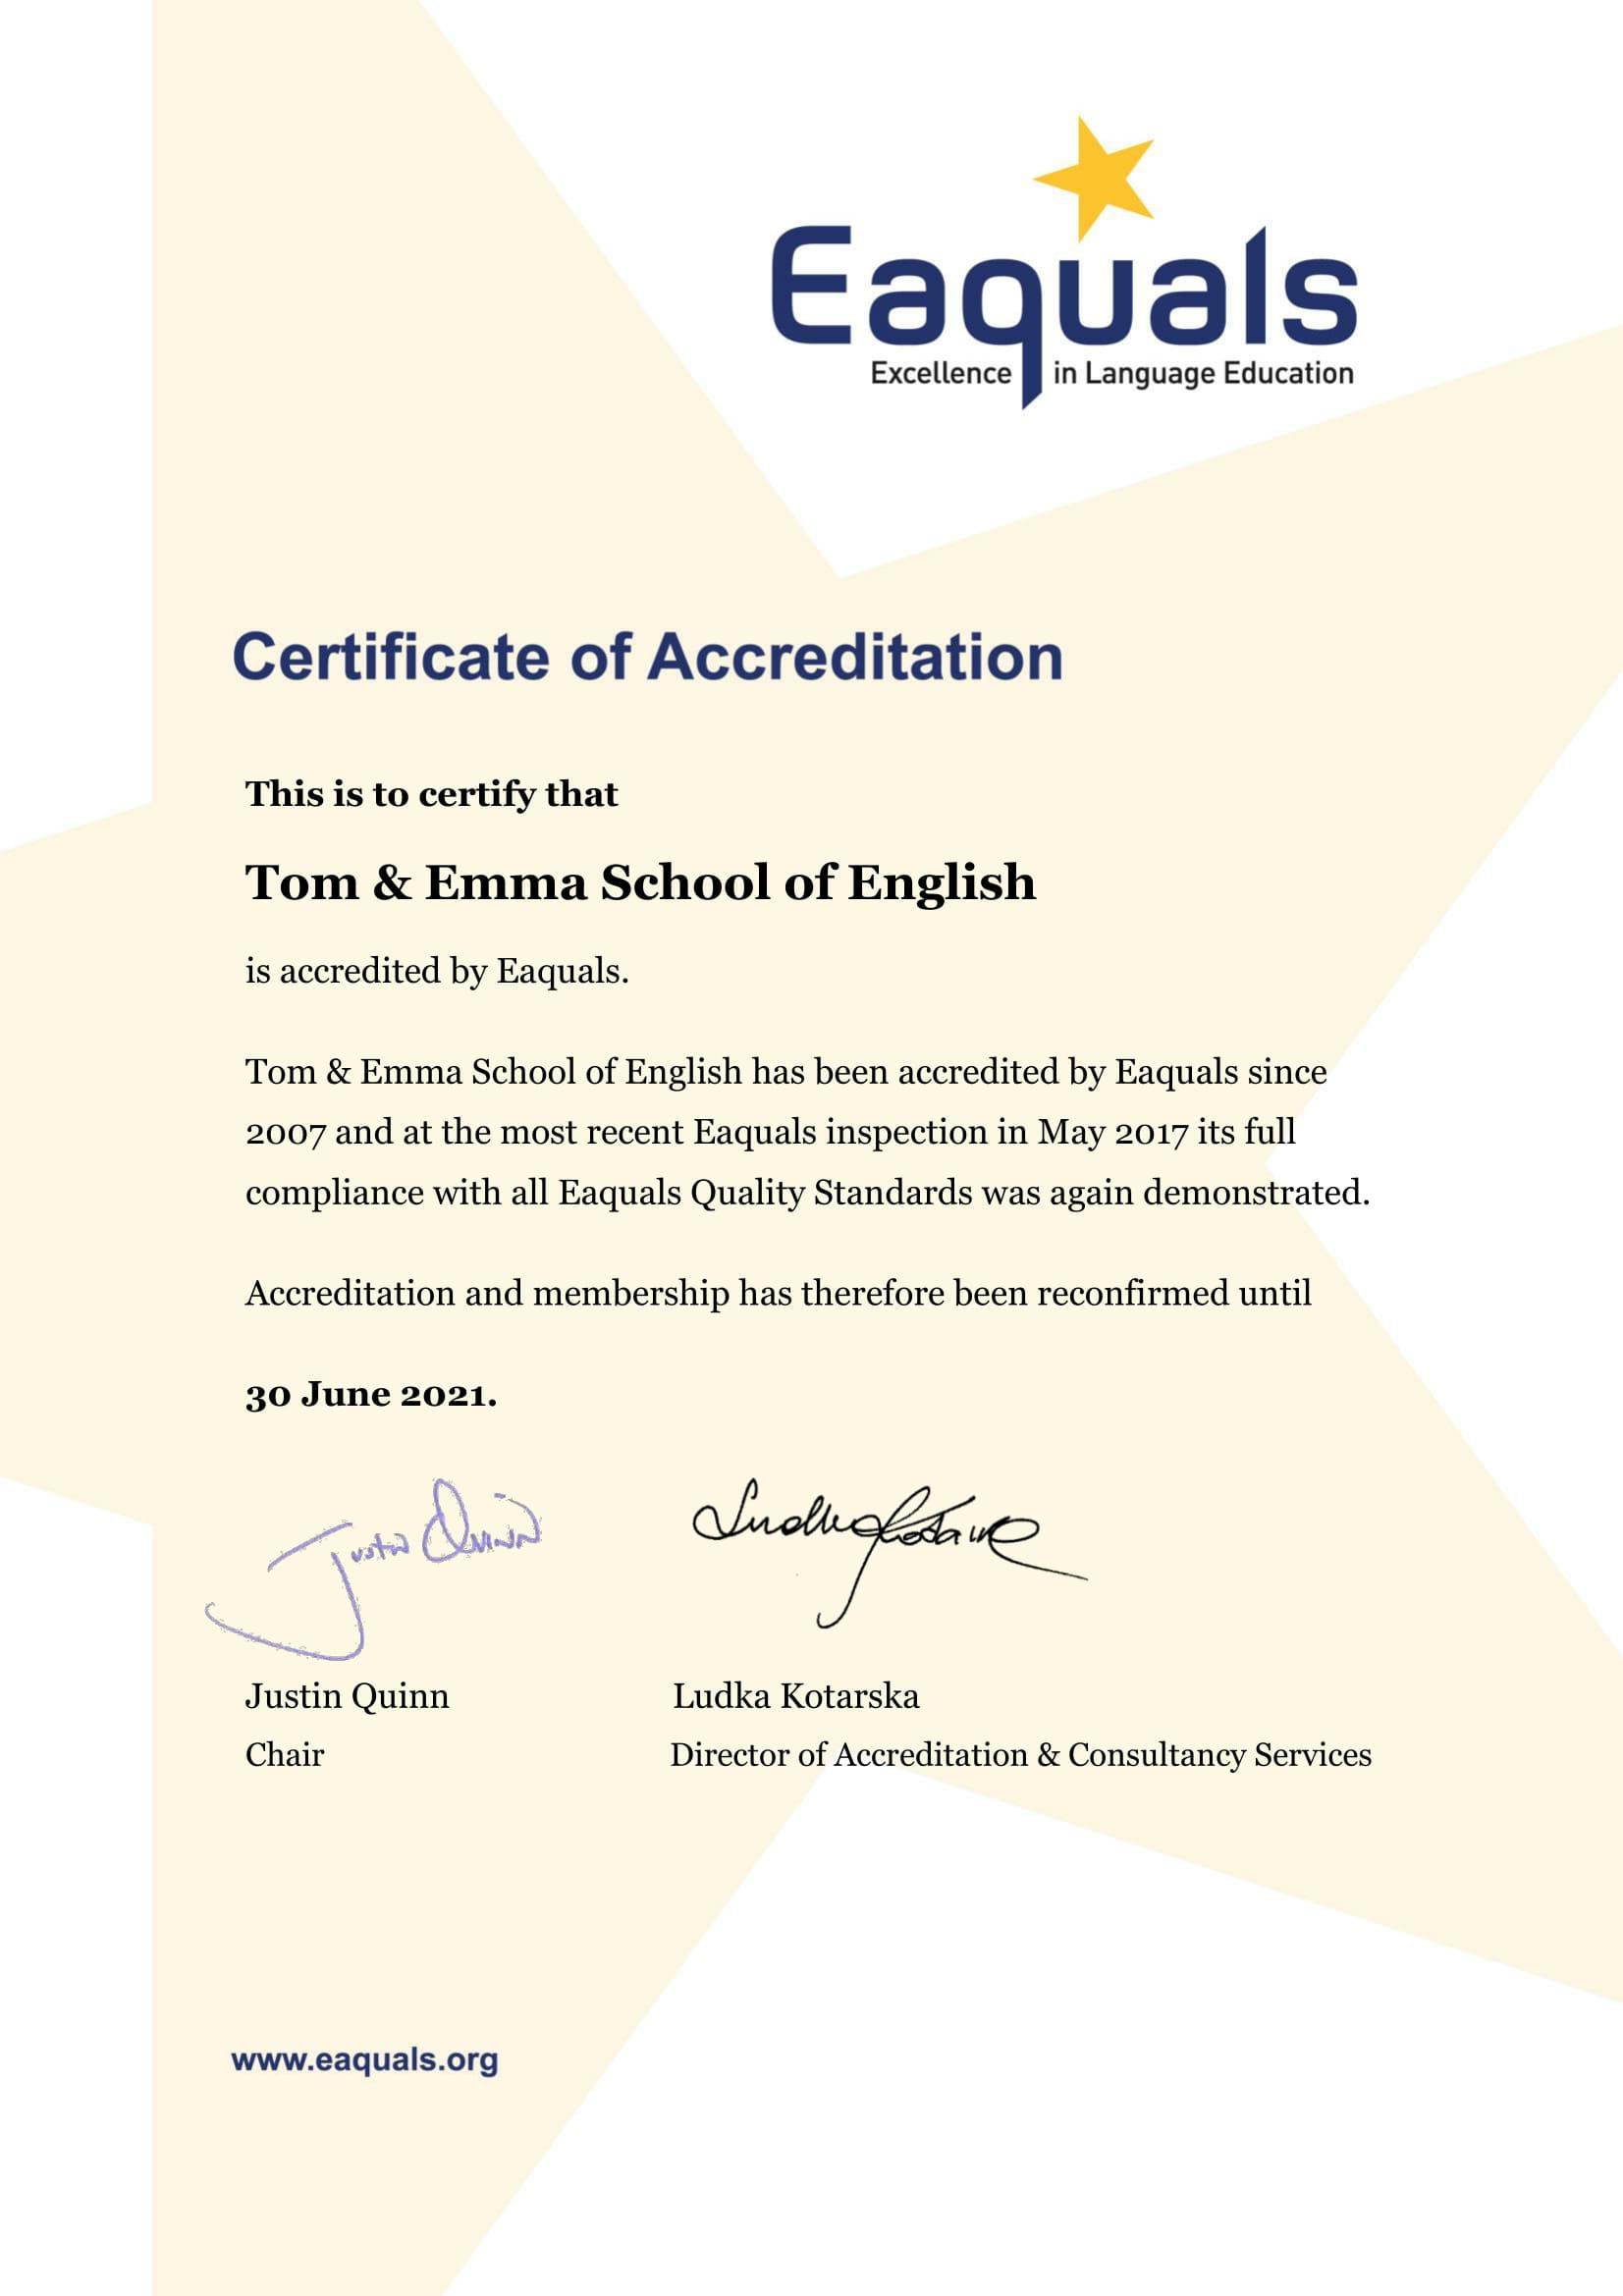 akreditacija-eaquals